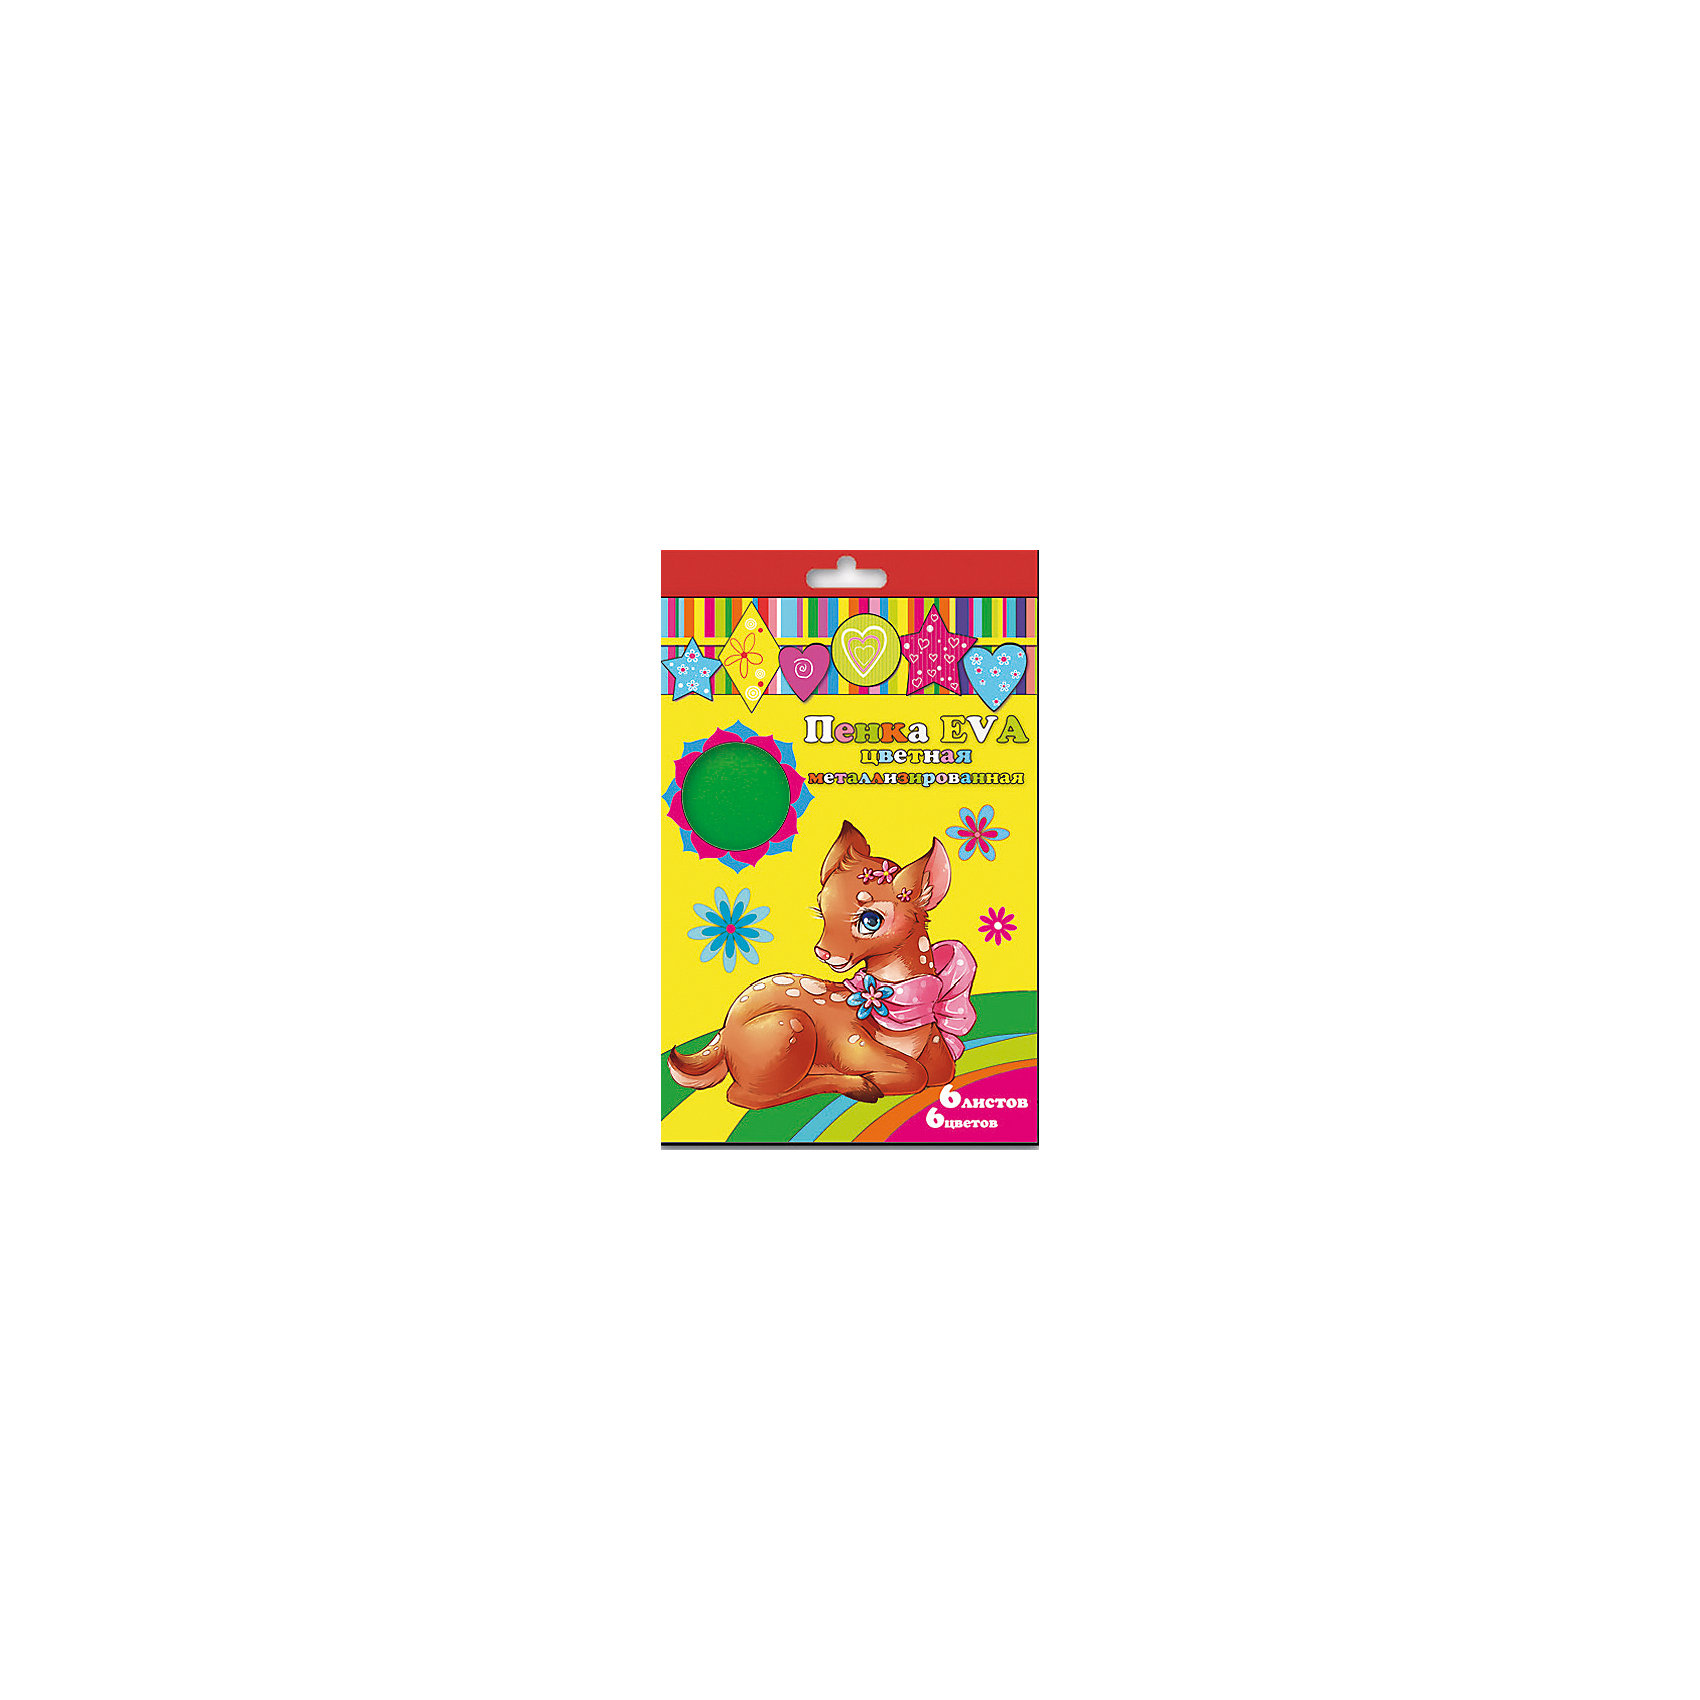 Феникс+ Пенка цветная метализированная, 6 листов, 6 цв в каком магазине в бибирево можно купить дшево косметику dbib